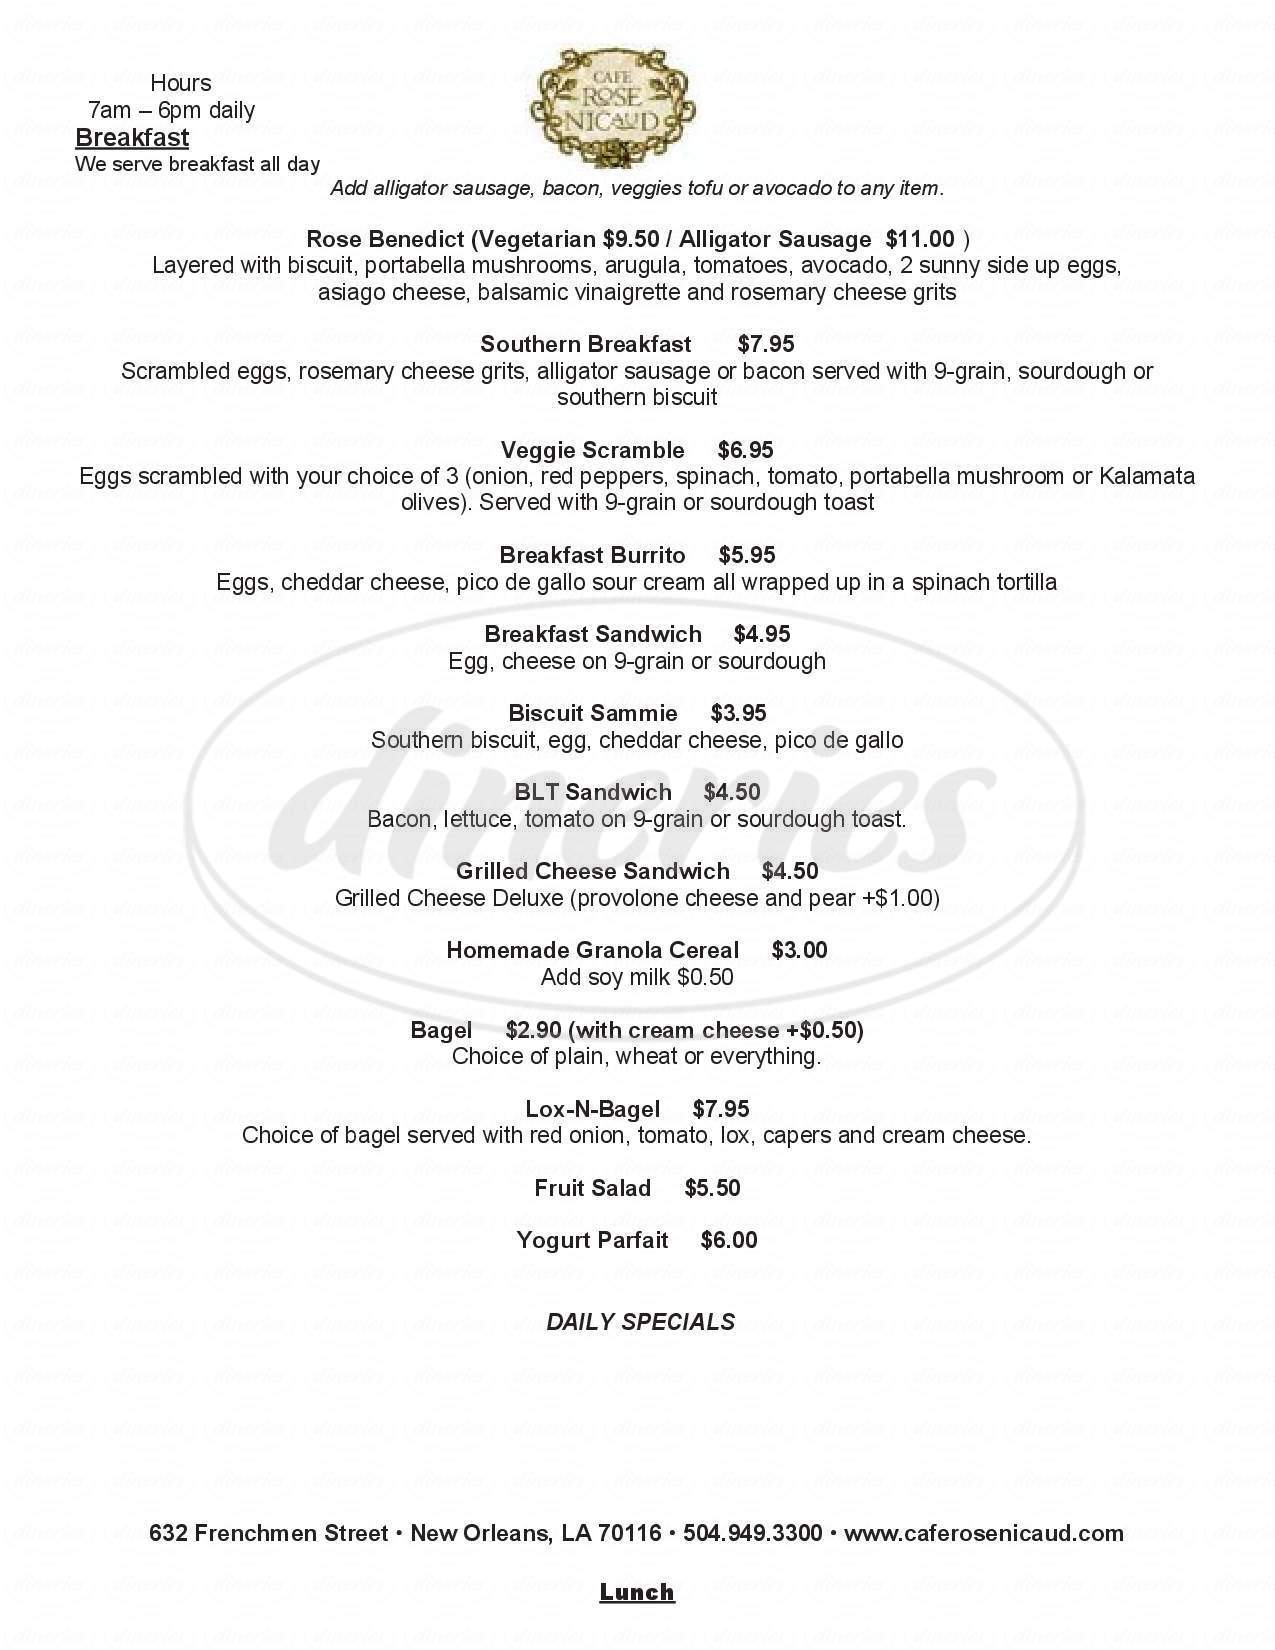 menu for Cafe Rose Nicaud